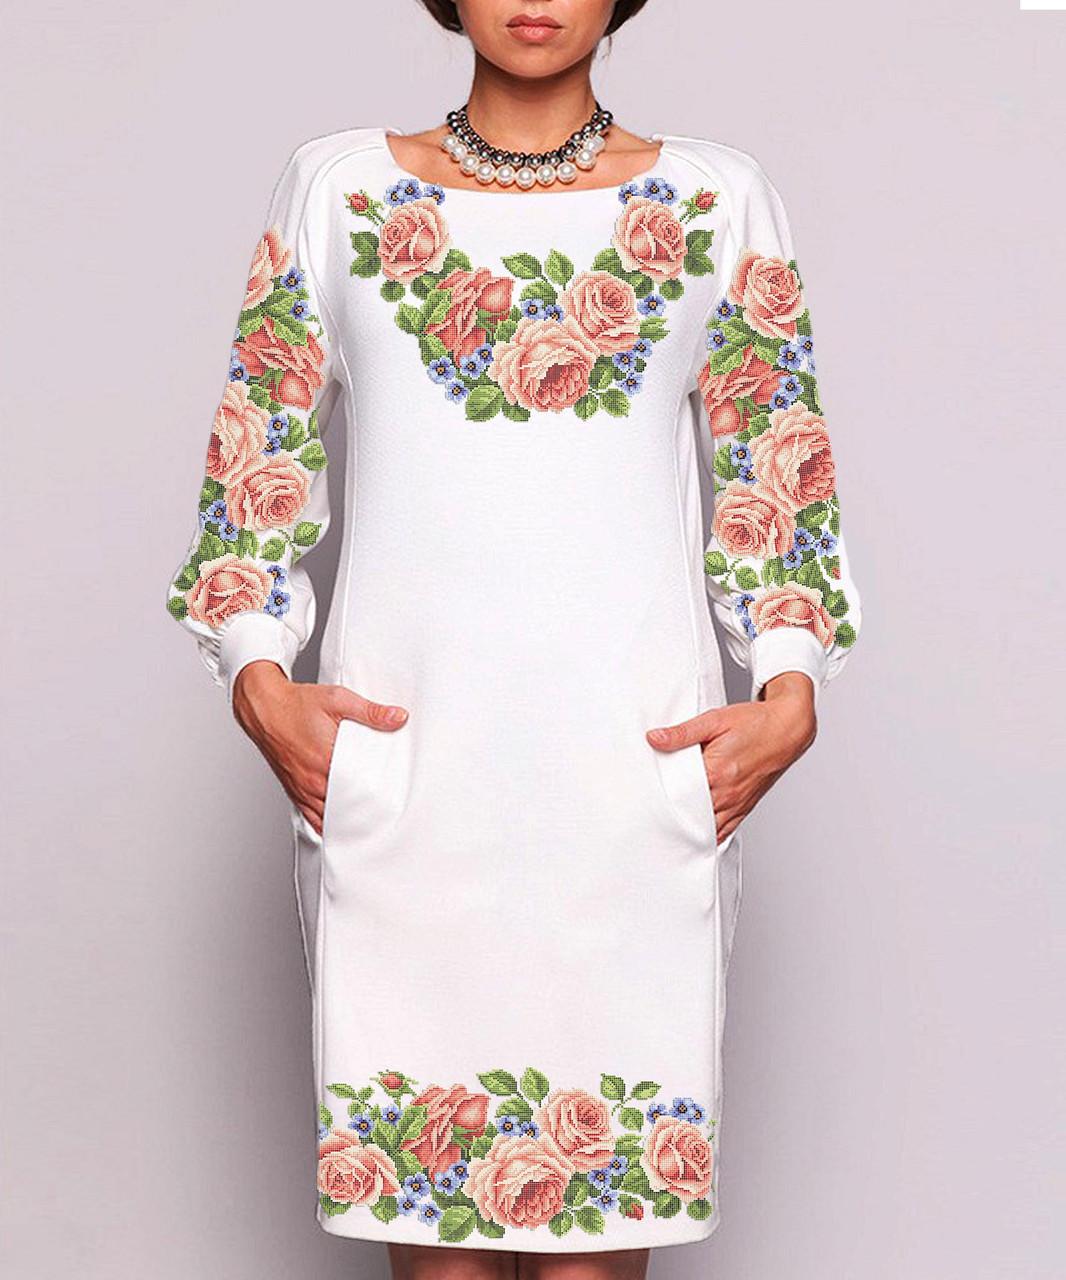 Заготовка жіночого плаття чи сукні для вишивки та вишивання бісером Бисерок  «Квітковий розмай» (П-47 ГБ) Габардин